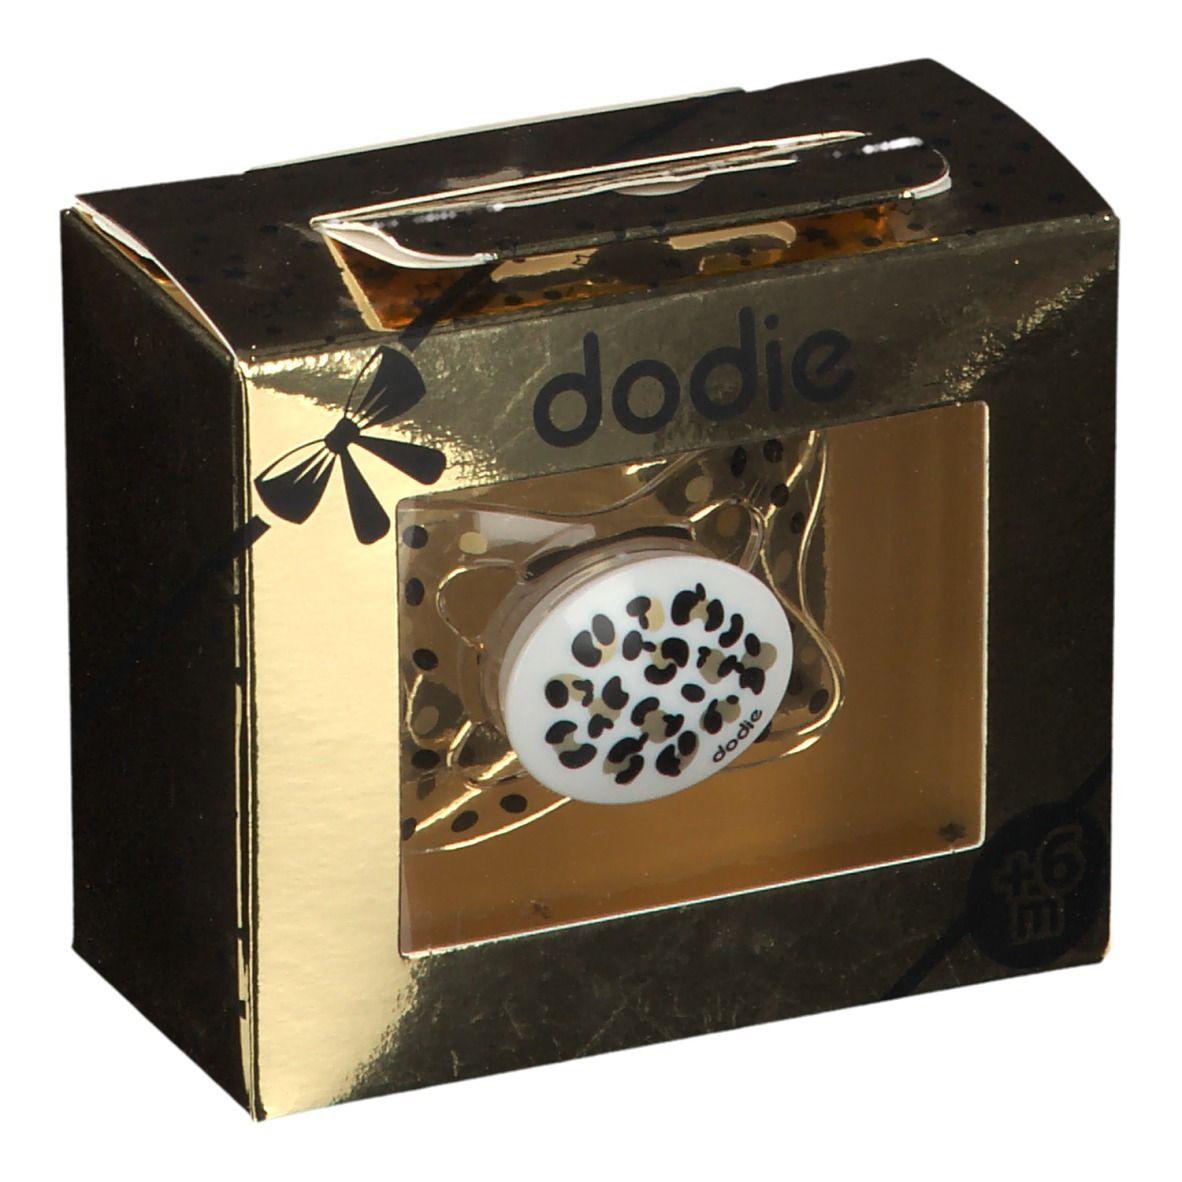 dodie® Sucette +6 mois 'Bébé chic ronds' (Couleur non sélectionnable) pc(s) Sucette(s)